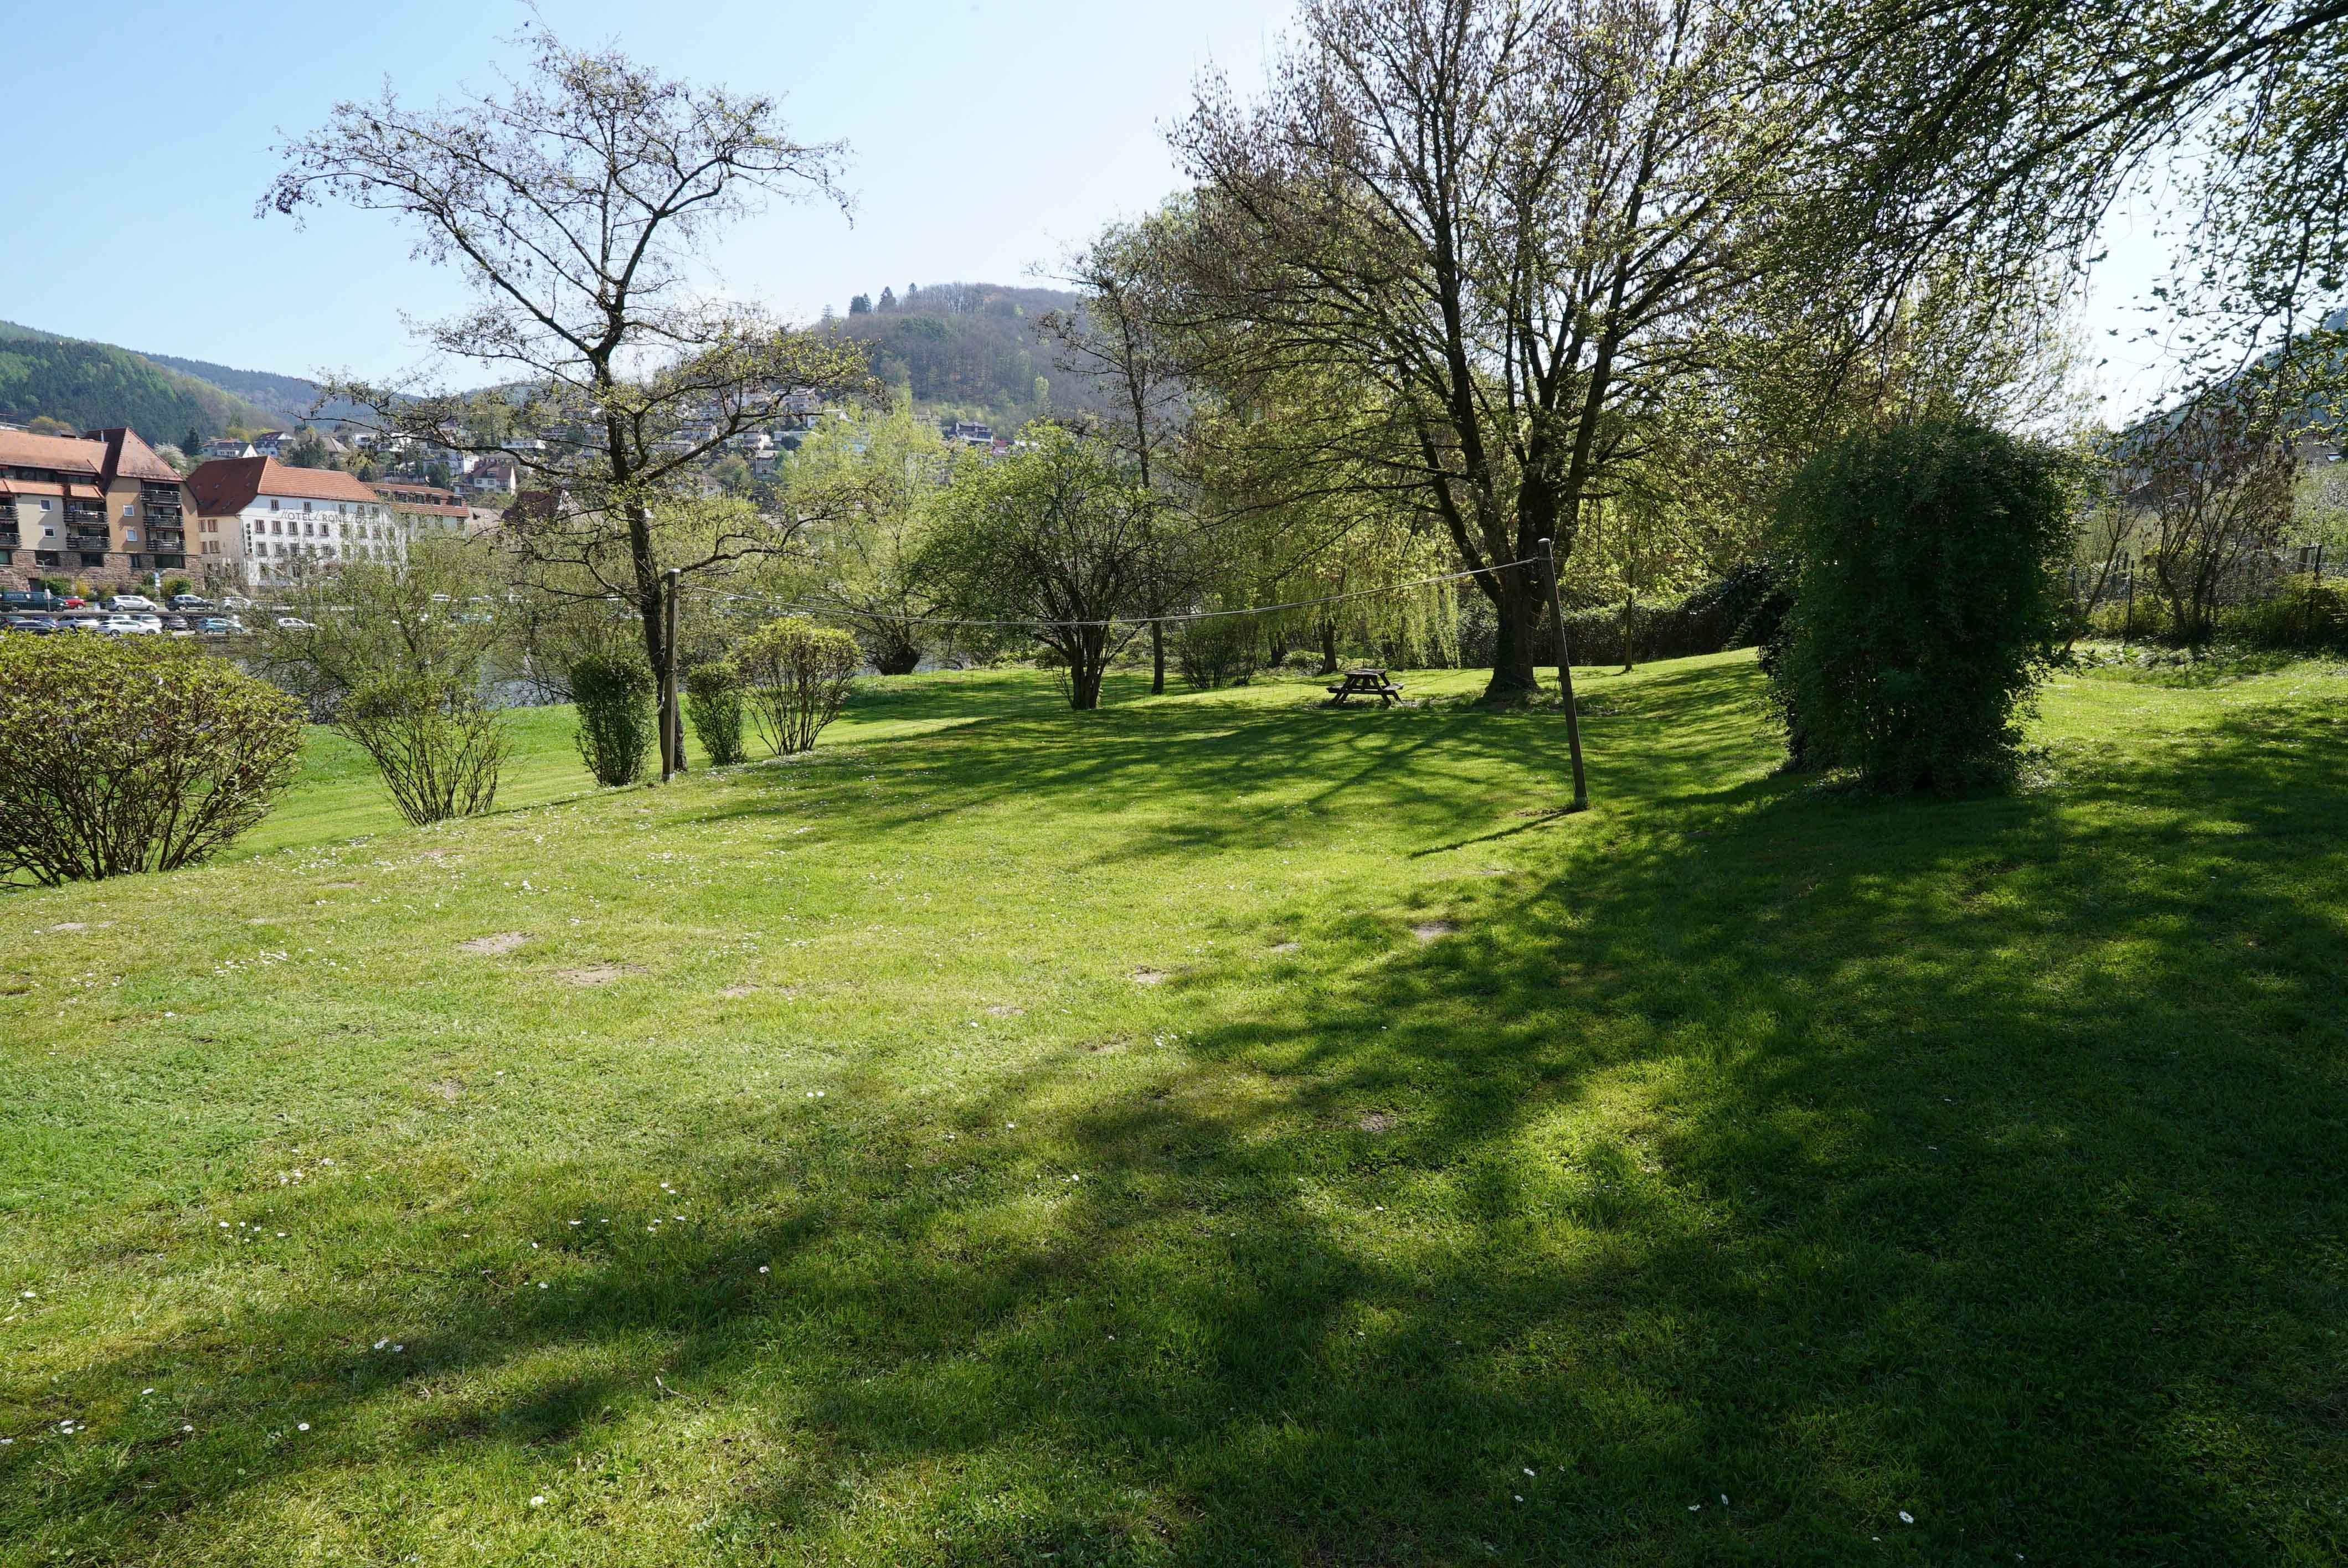 Campingpark Eberbach03